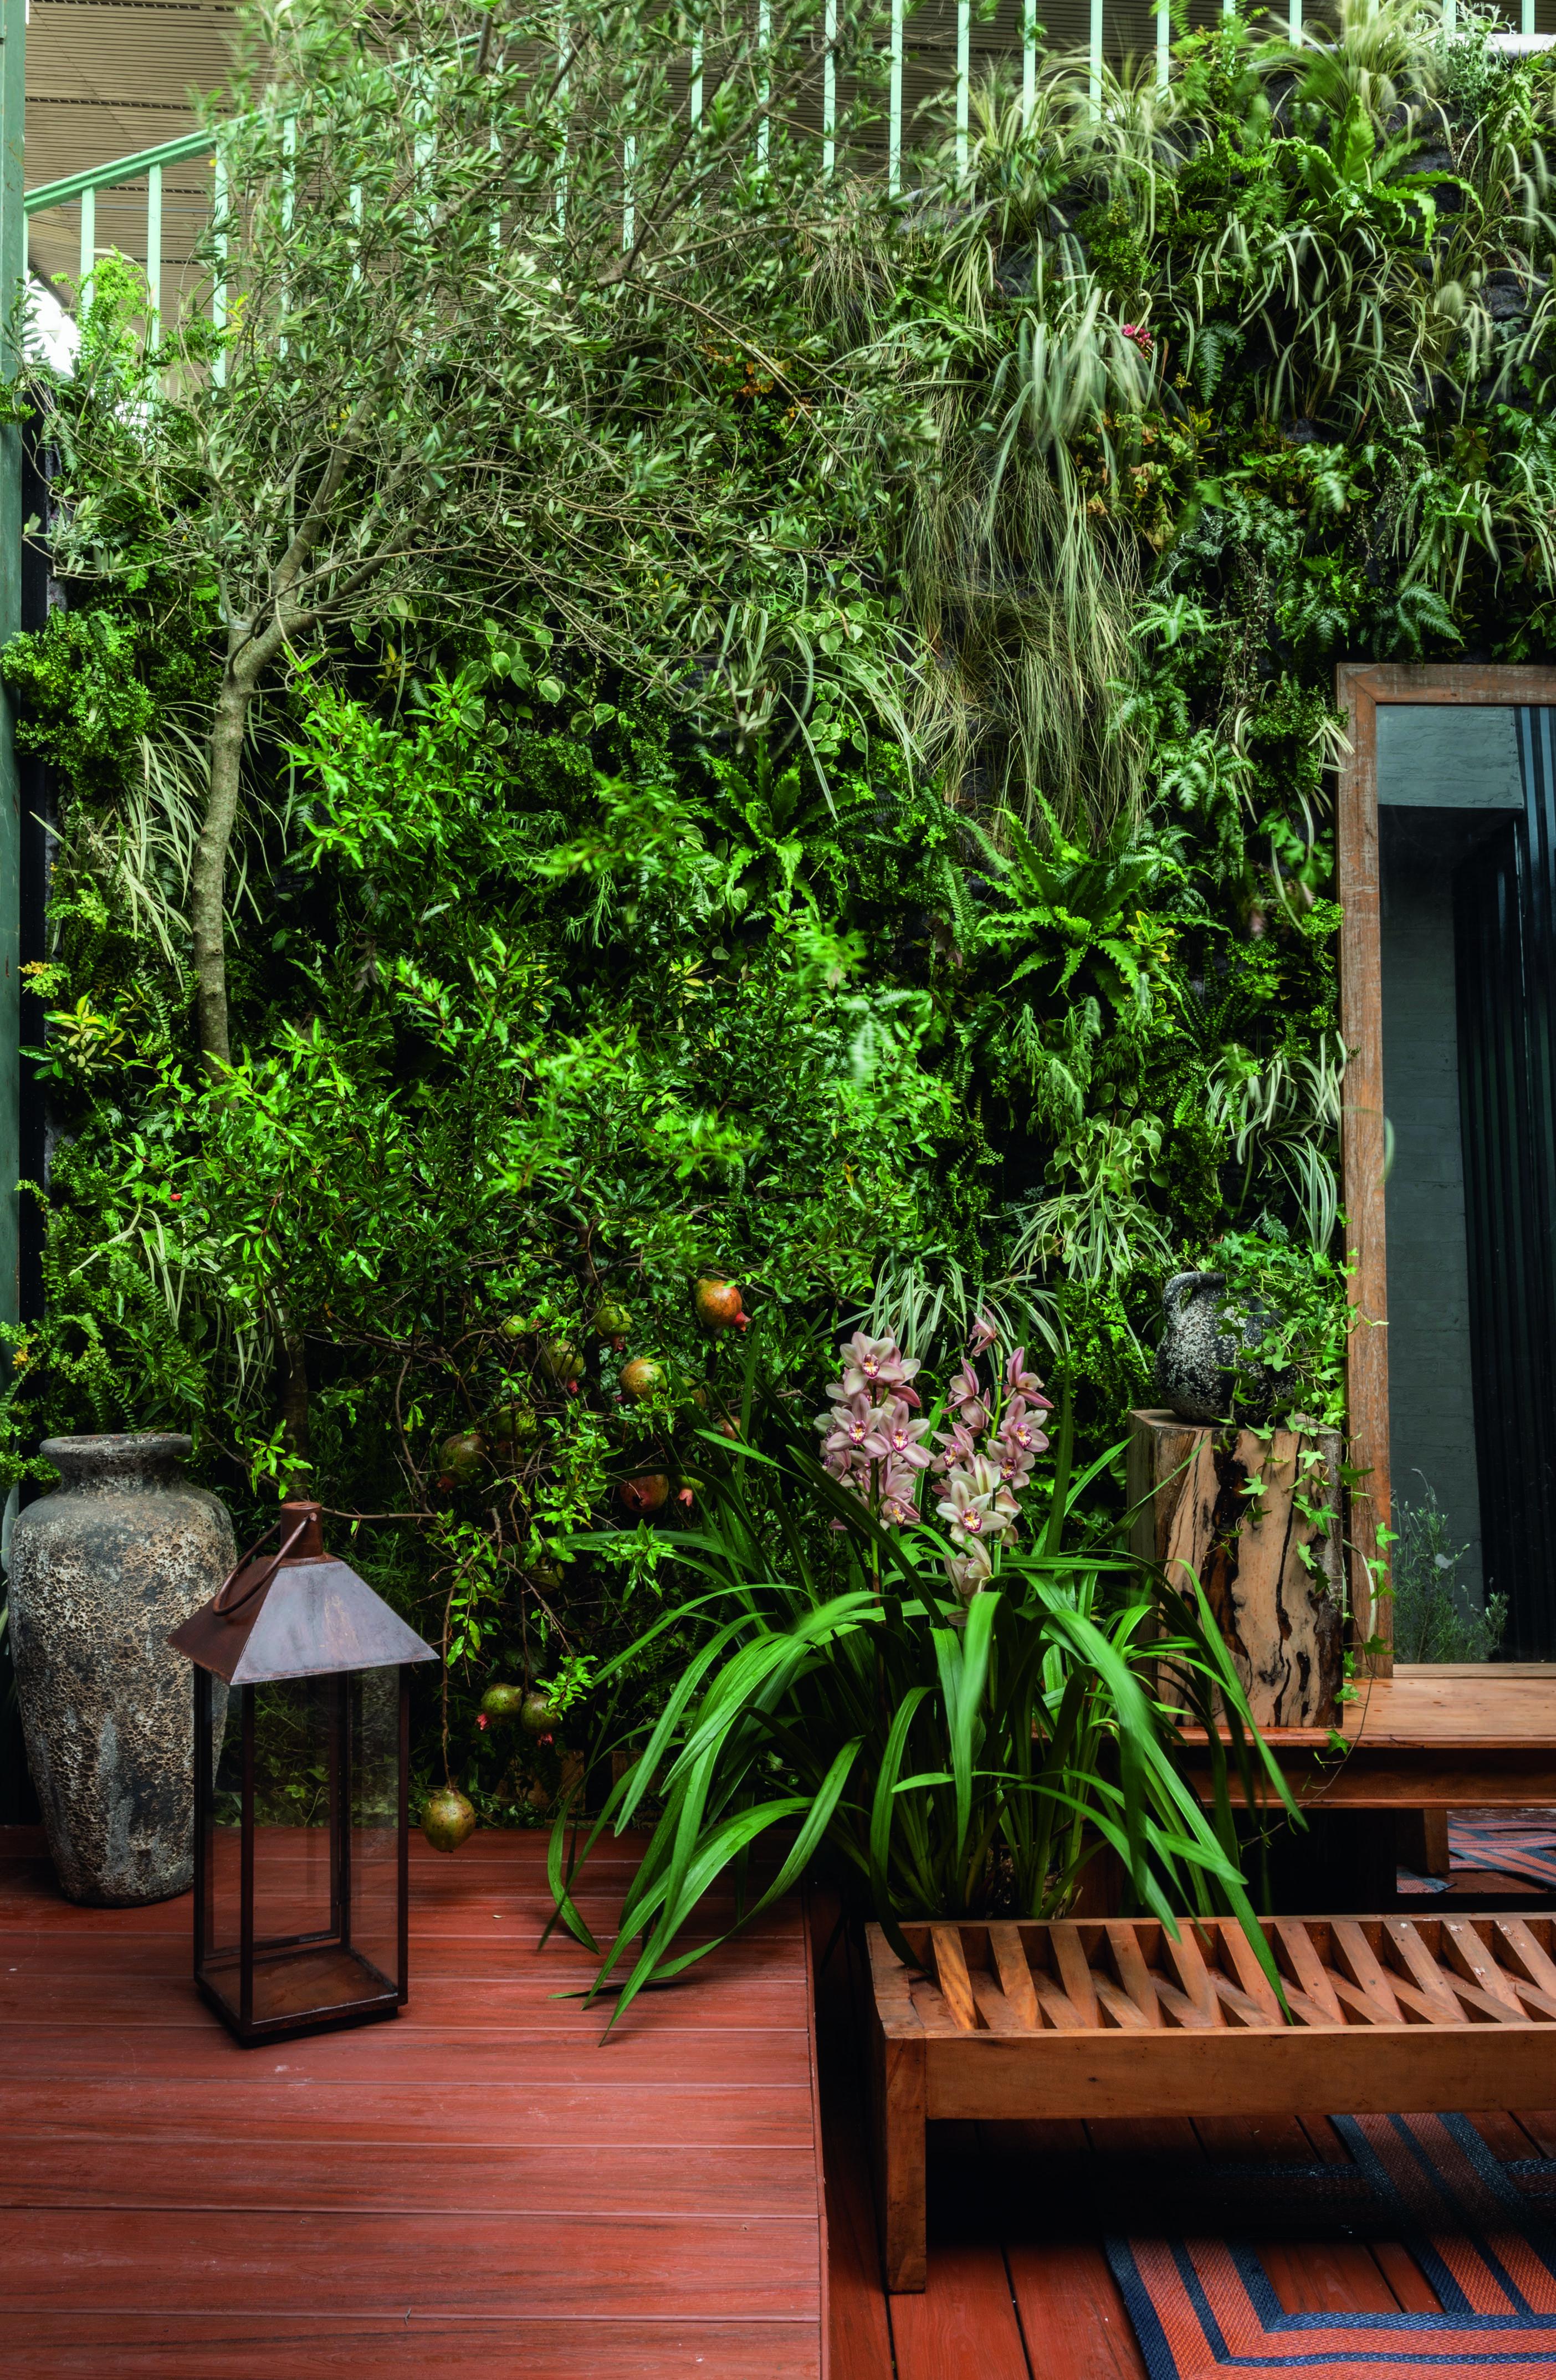 Jardim do Entardecer - Vertical por Myrian Marquez - CASACOR SP 2-1